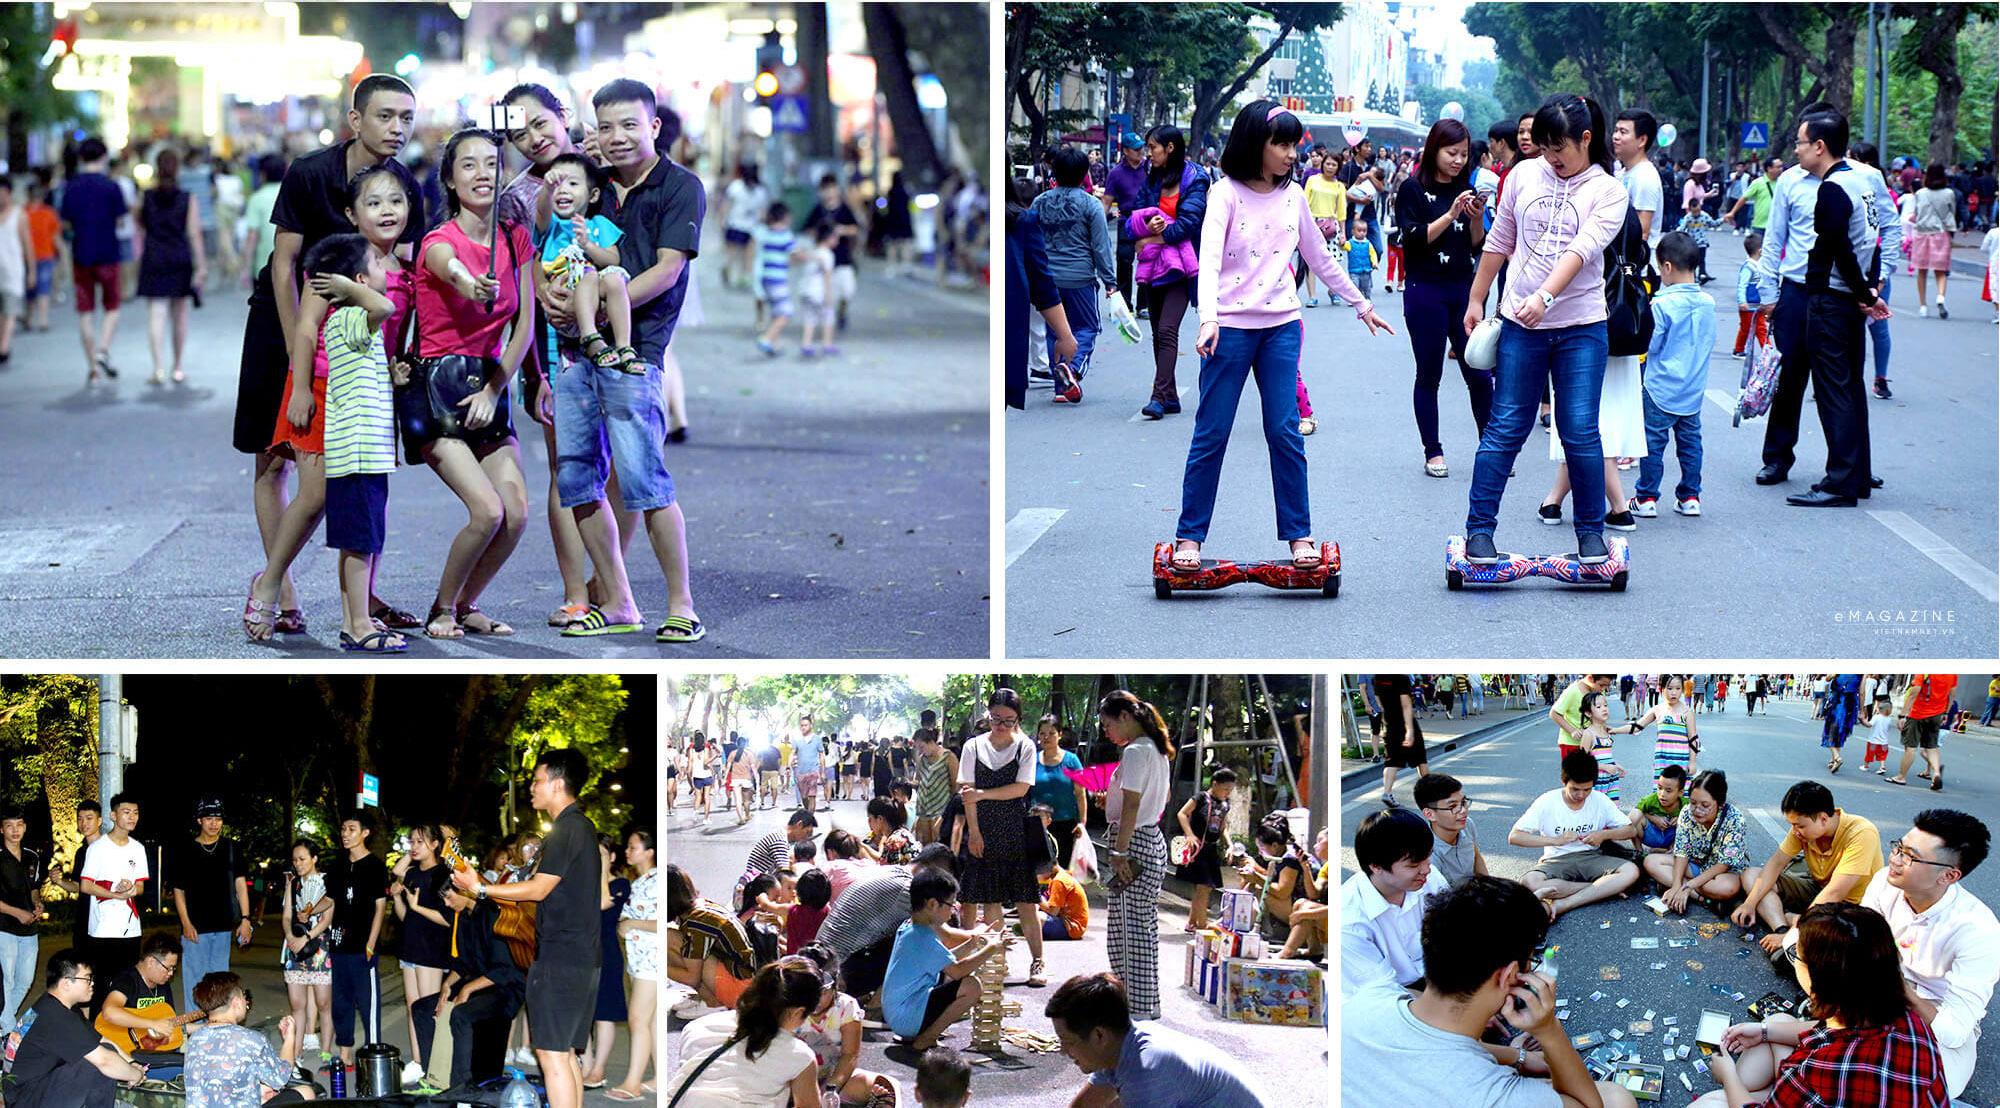 Hà Nội yêu cầu người dân ăn mặc lịch sự, cấm nói tục ở phố đi bộ Hoàn Kiếm - Ảnh 2